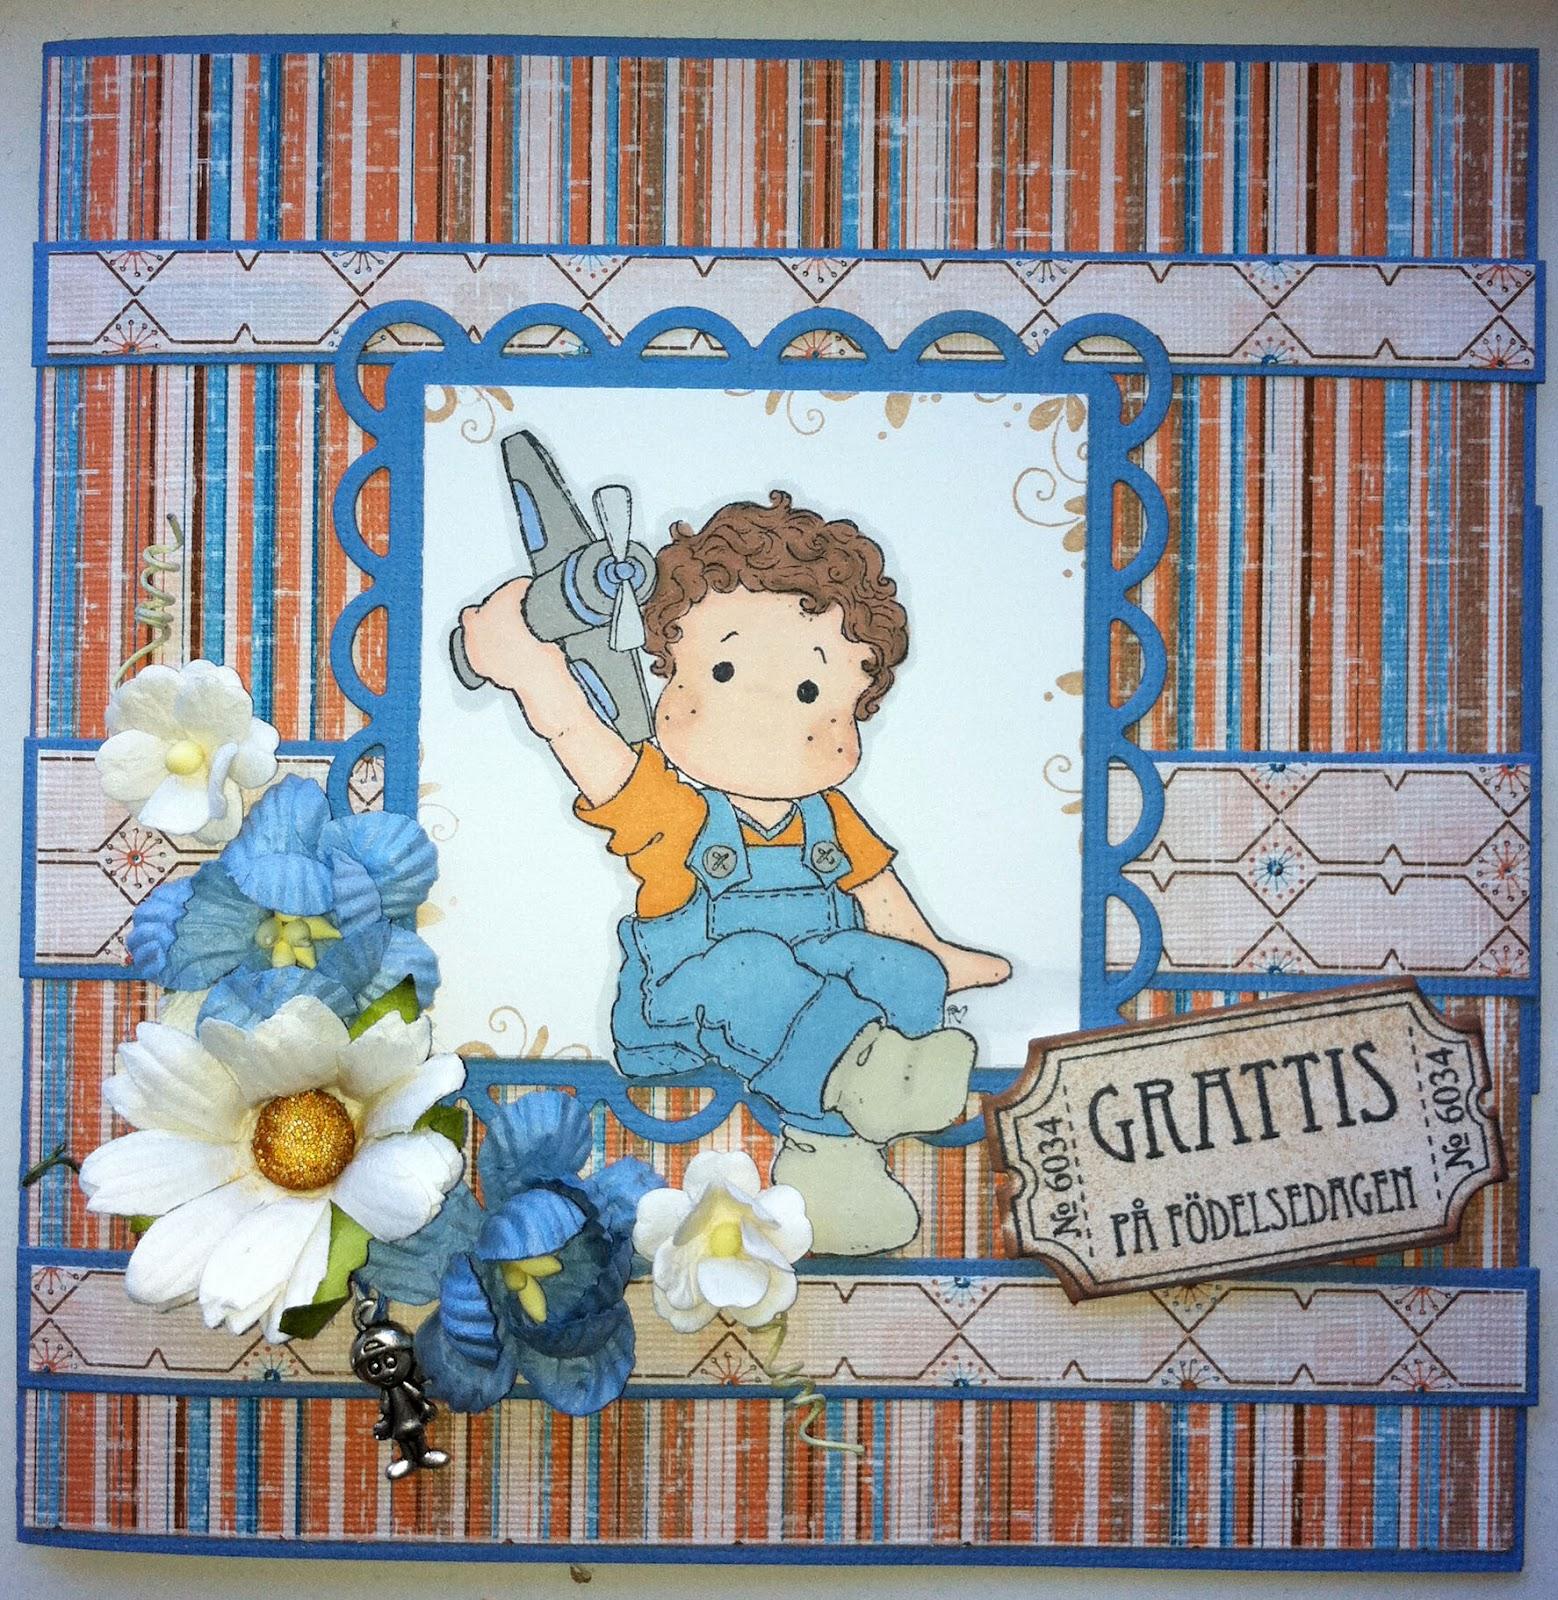 grattiskort pojke Från mitt pysselrum: Grattiskort till pojke grattiskort pojke